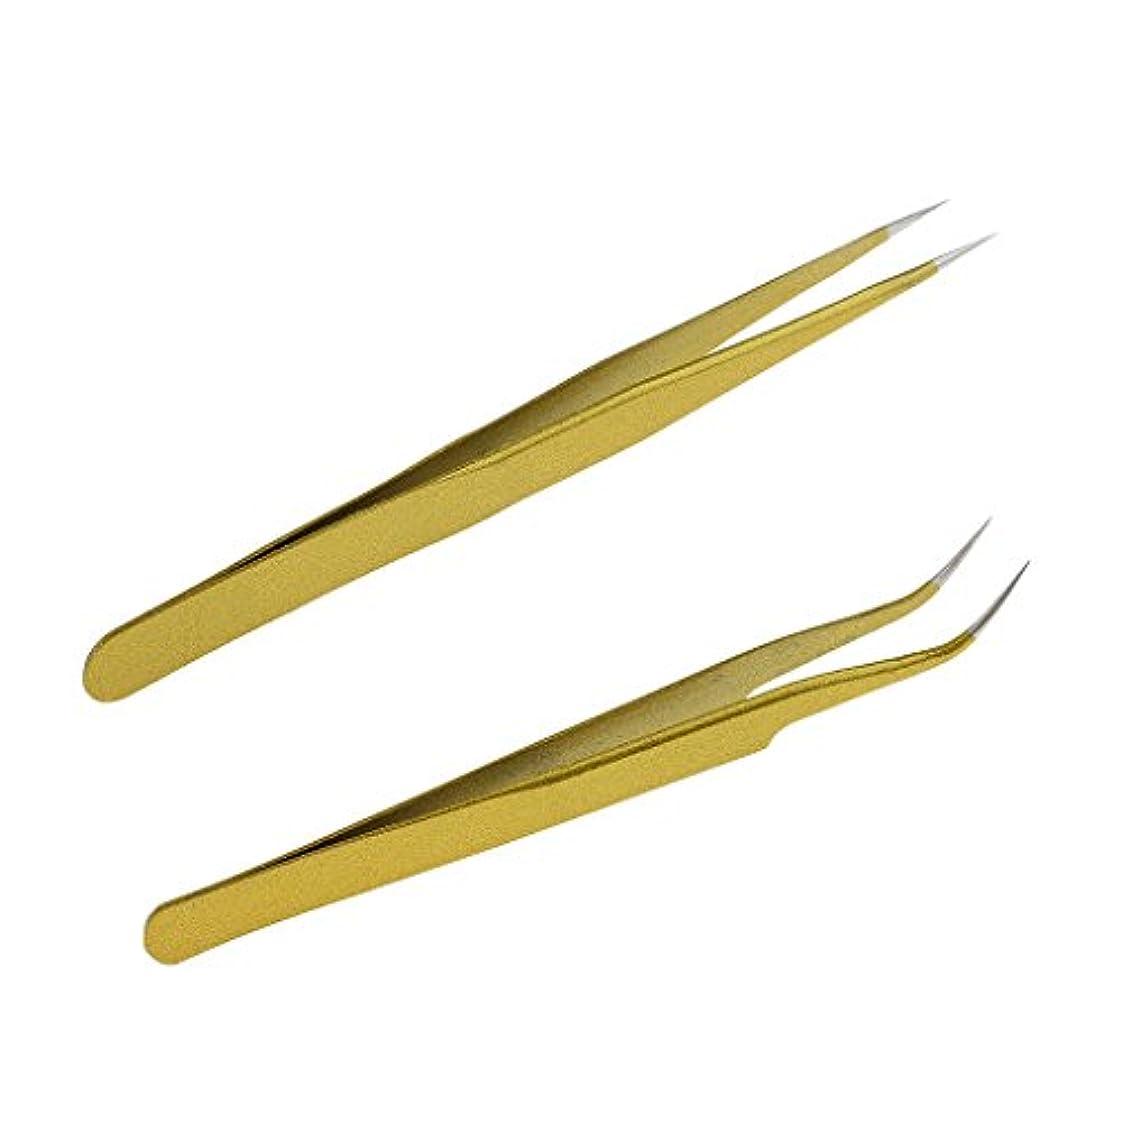 穿孔する繕うエイズ毛抜き ピンセット ステンレス 曲線 ストレート まつげエクステンション ゴールド 2本セット